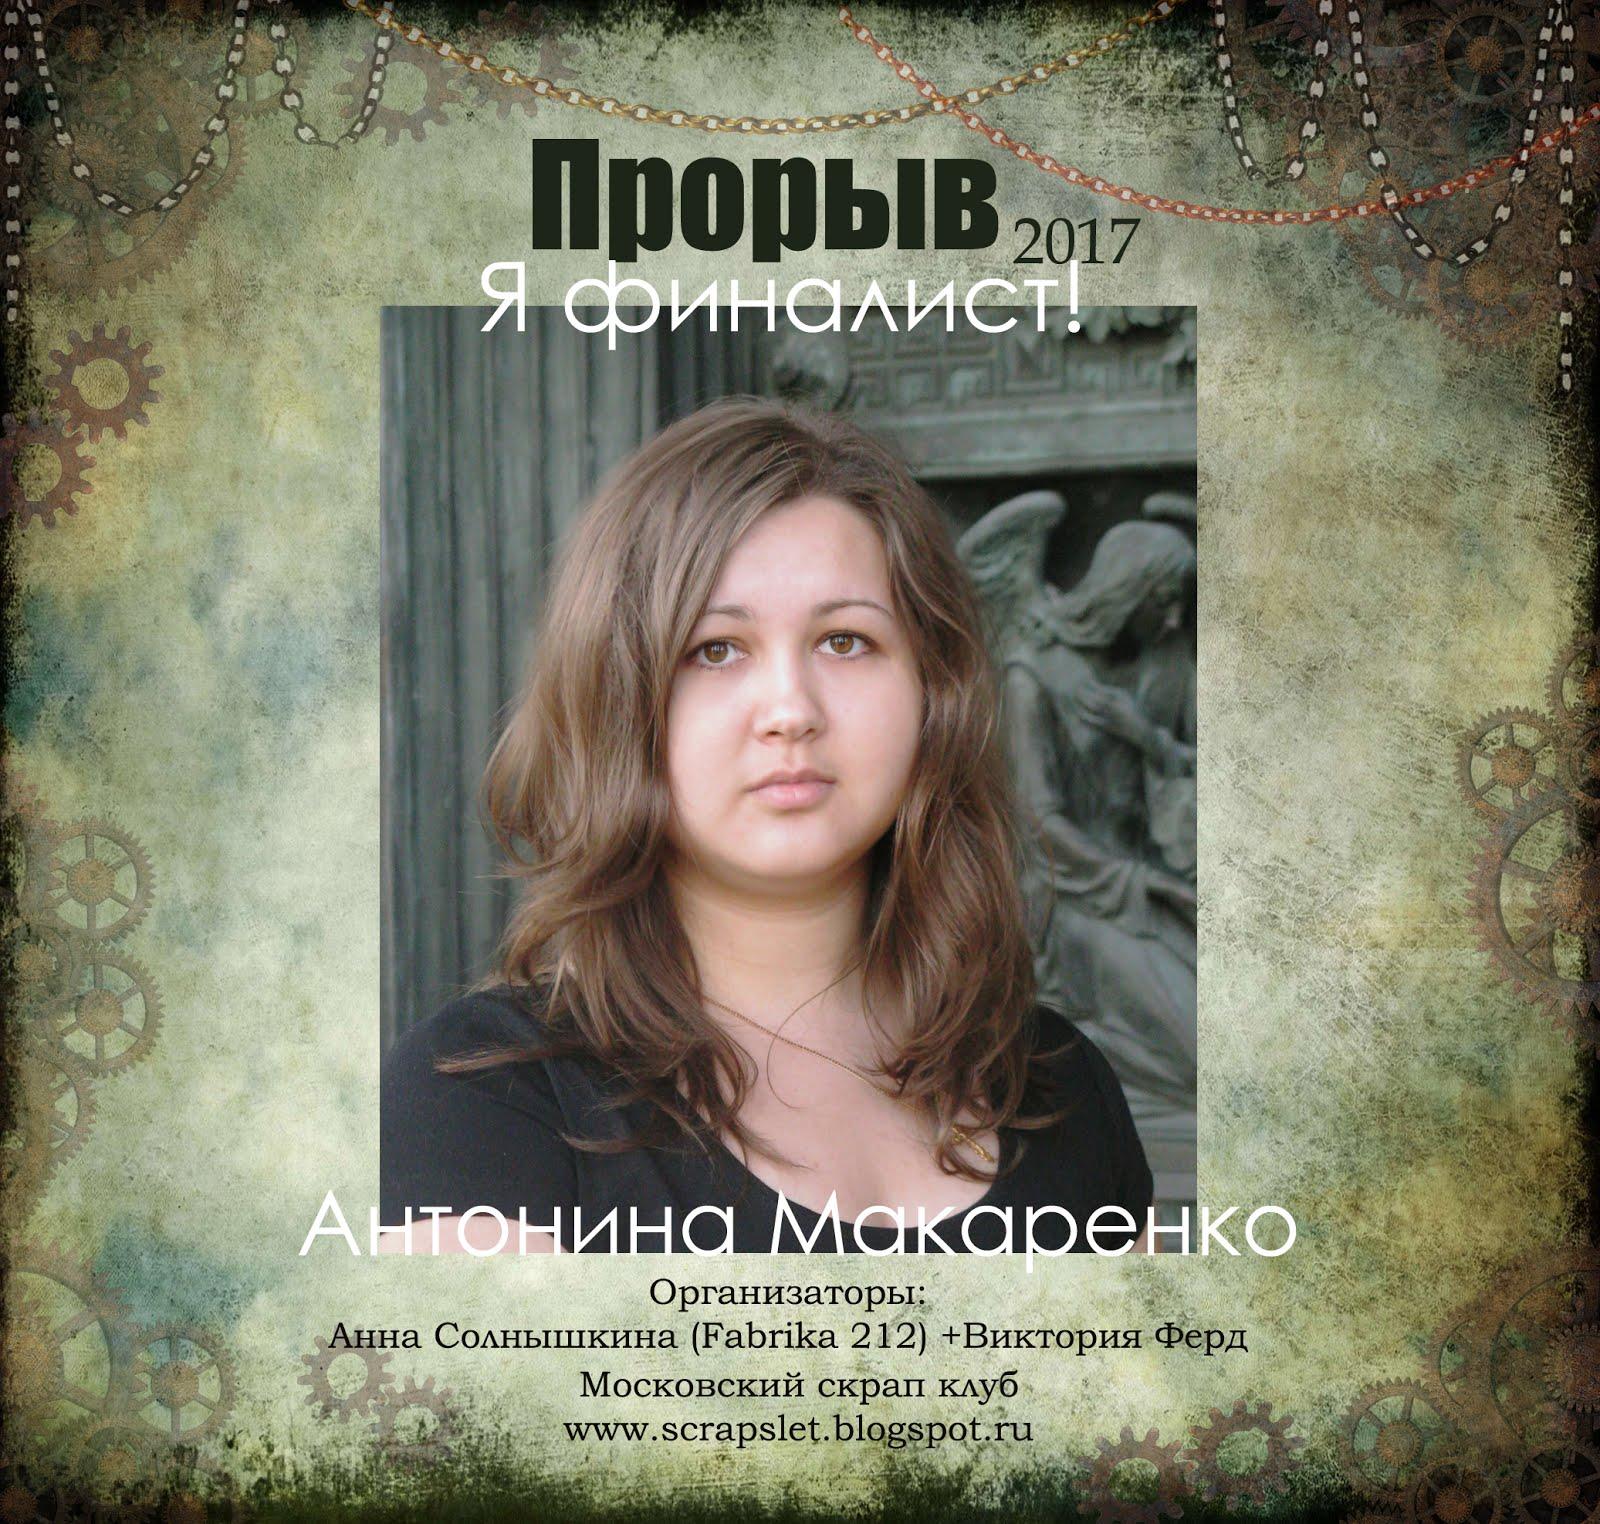 """Финалист скраппроект года """"ПРОРЫВ 2017"""""""